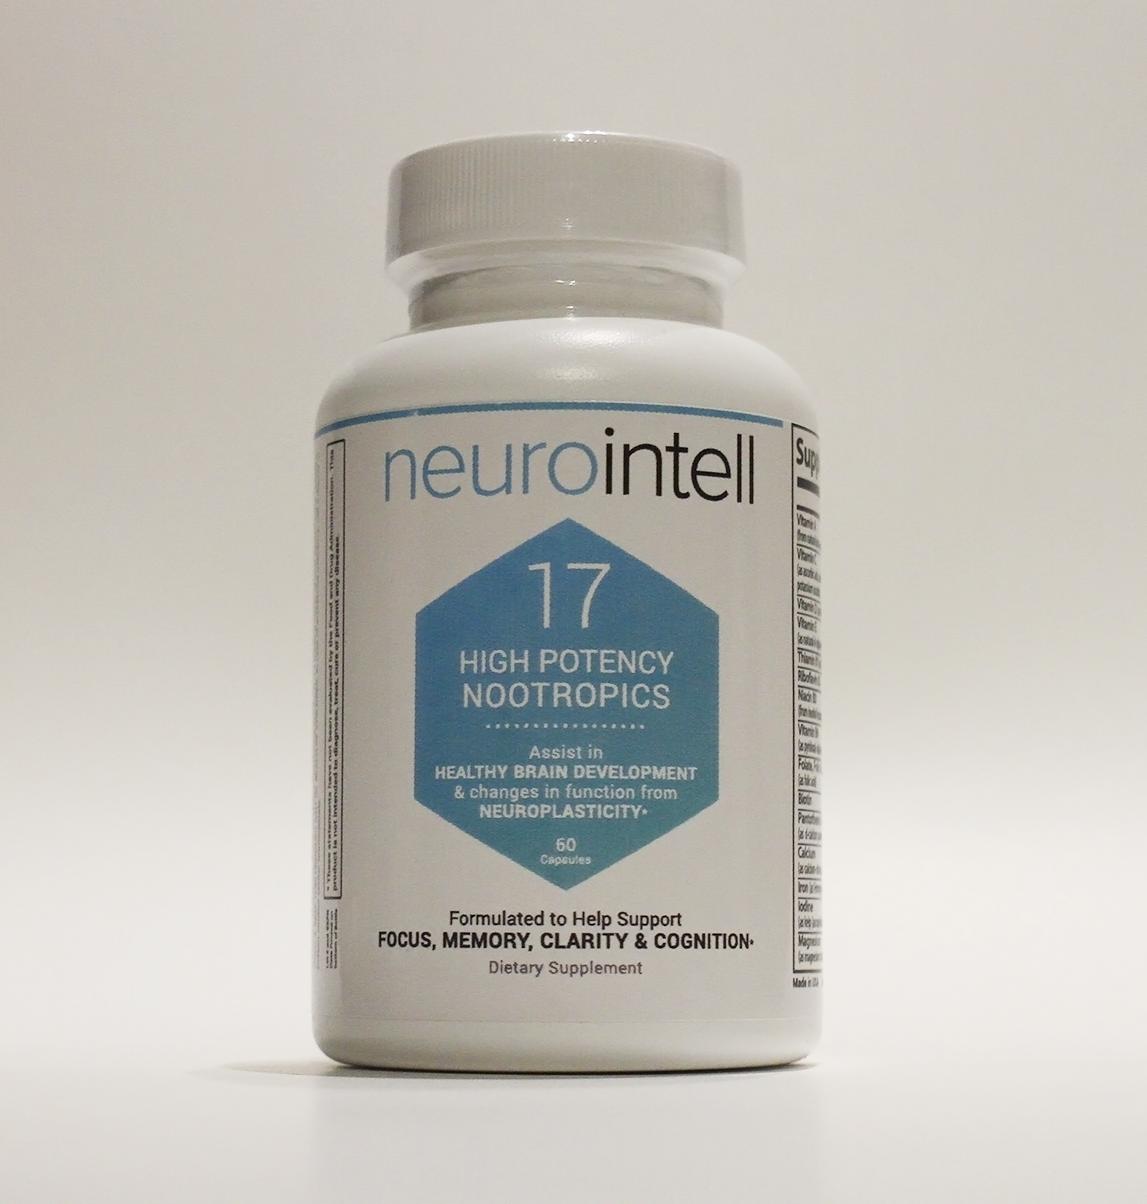 neurointell Brain Health